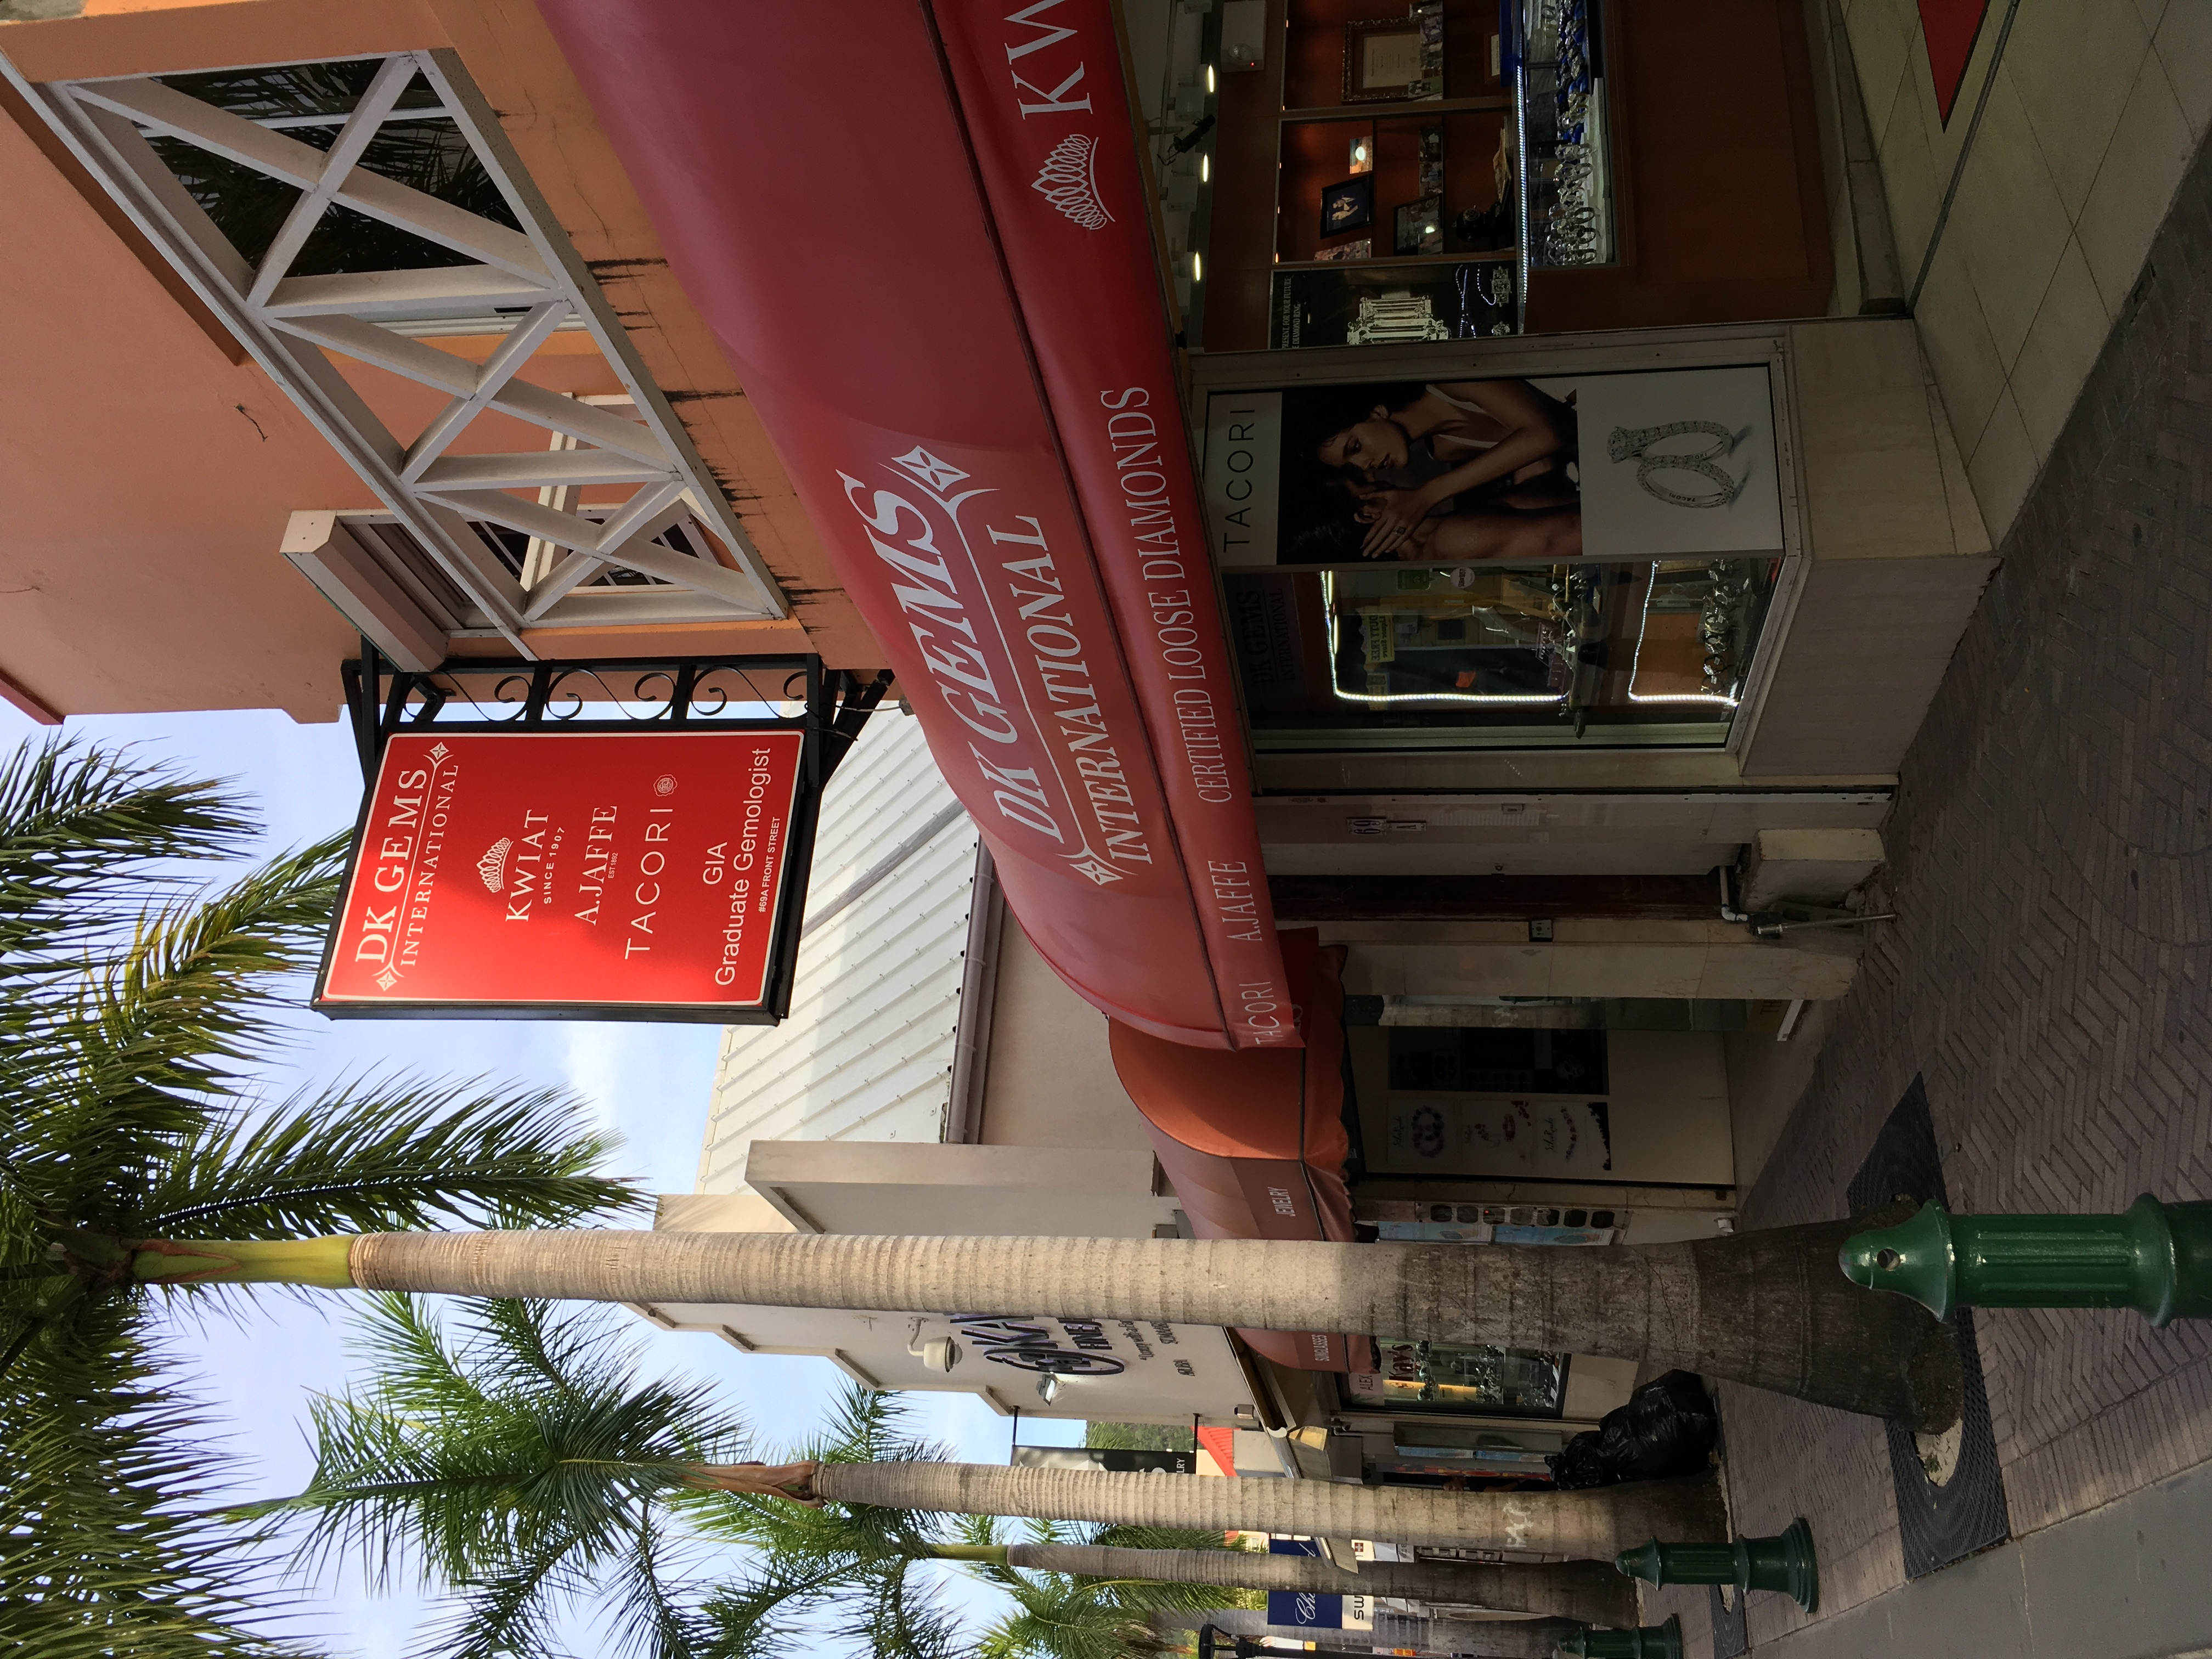 jewelry stores in st maarten BEST Sint Maarten jewelry stores is DK Gems International in Philipsburg